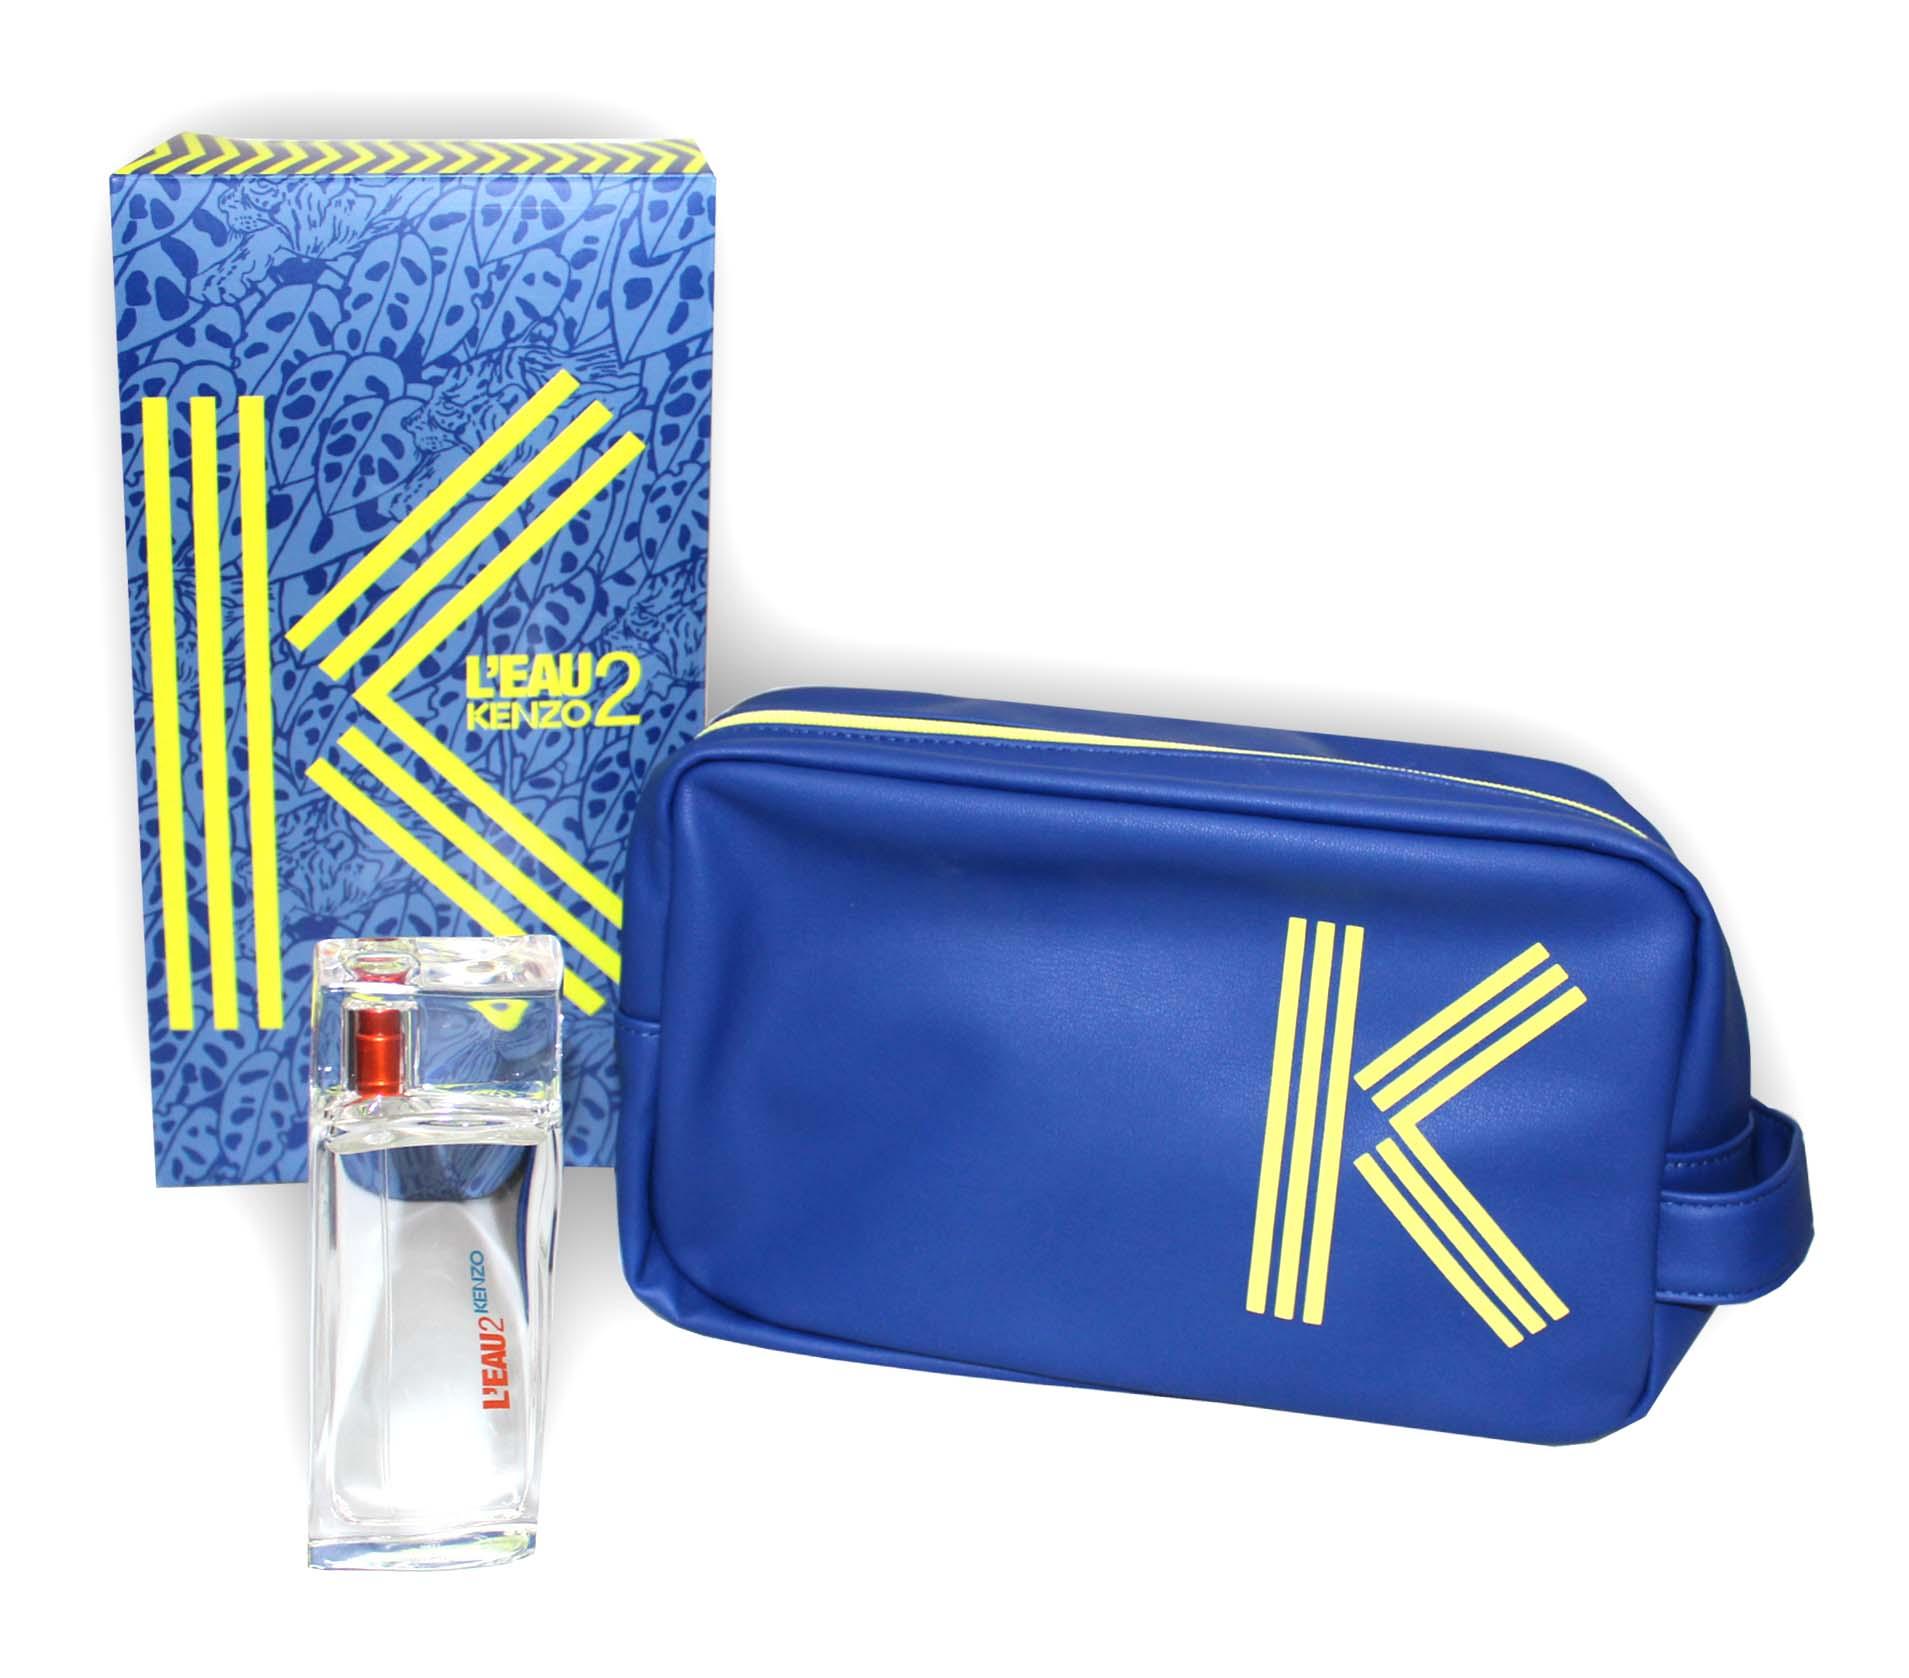 Kenzo L'eau Par Kenzo E2K M EDT 50ml + Fashion Pouch